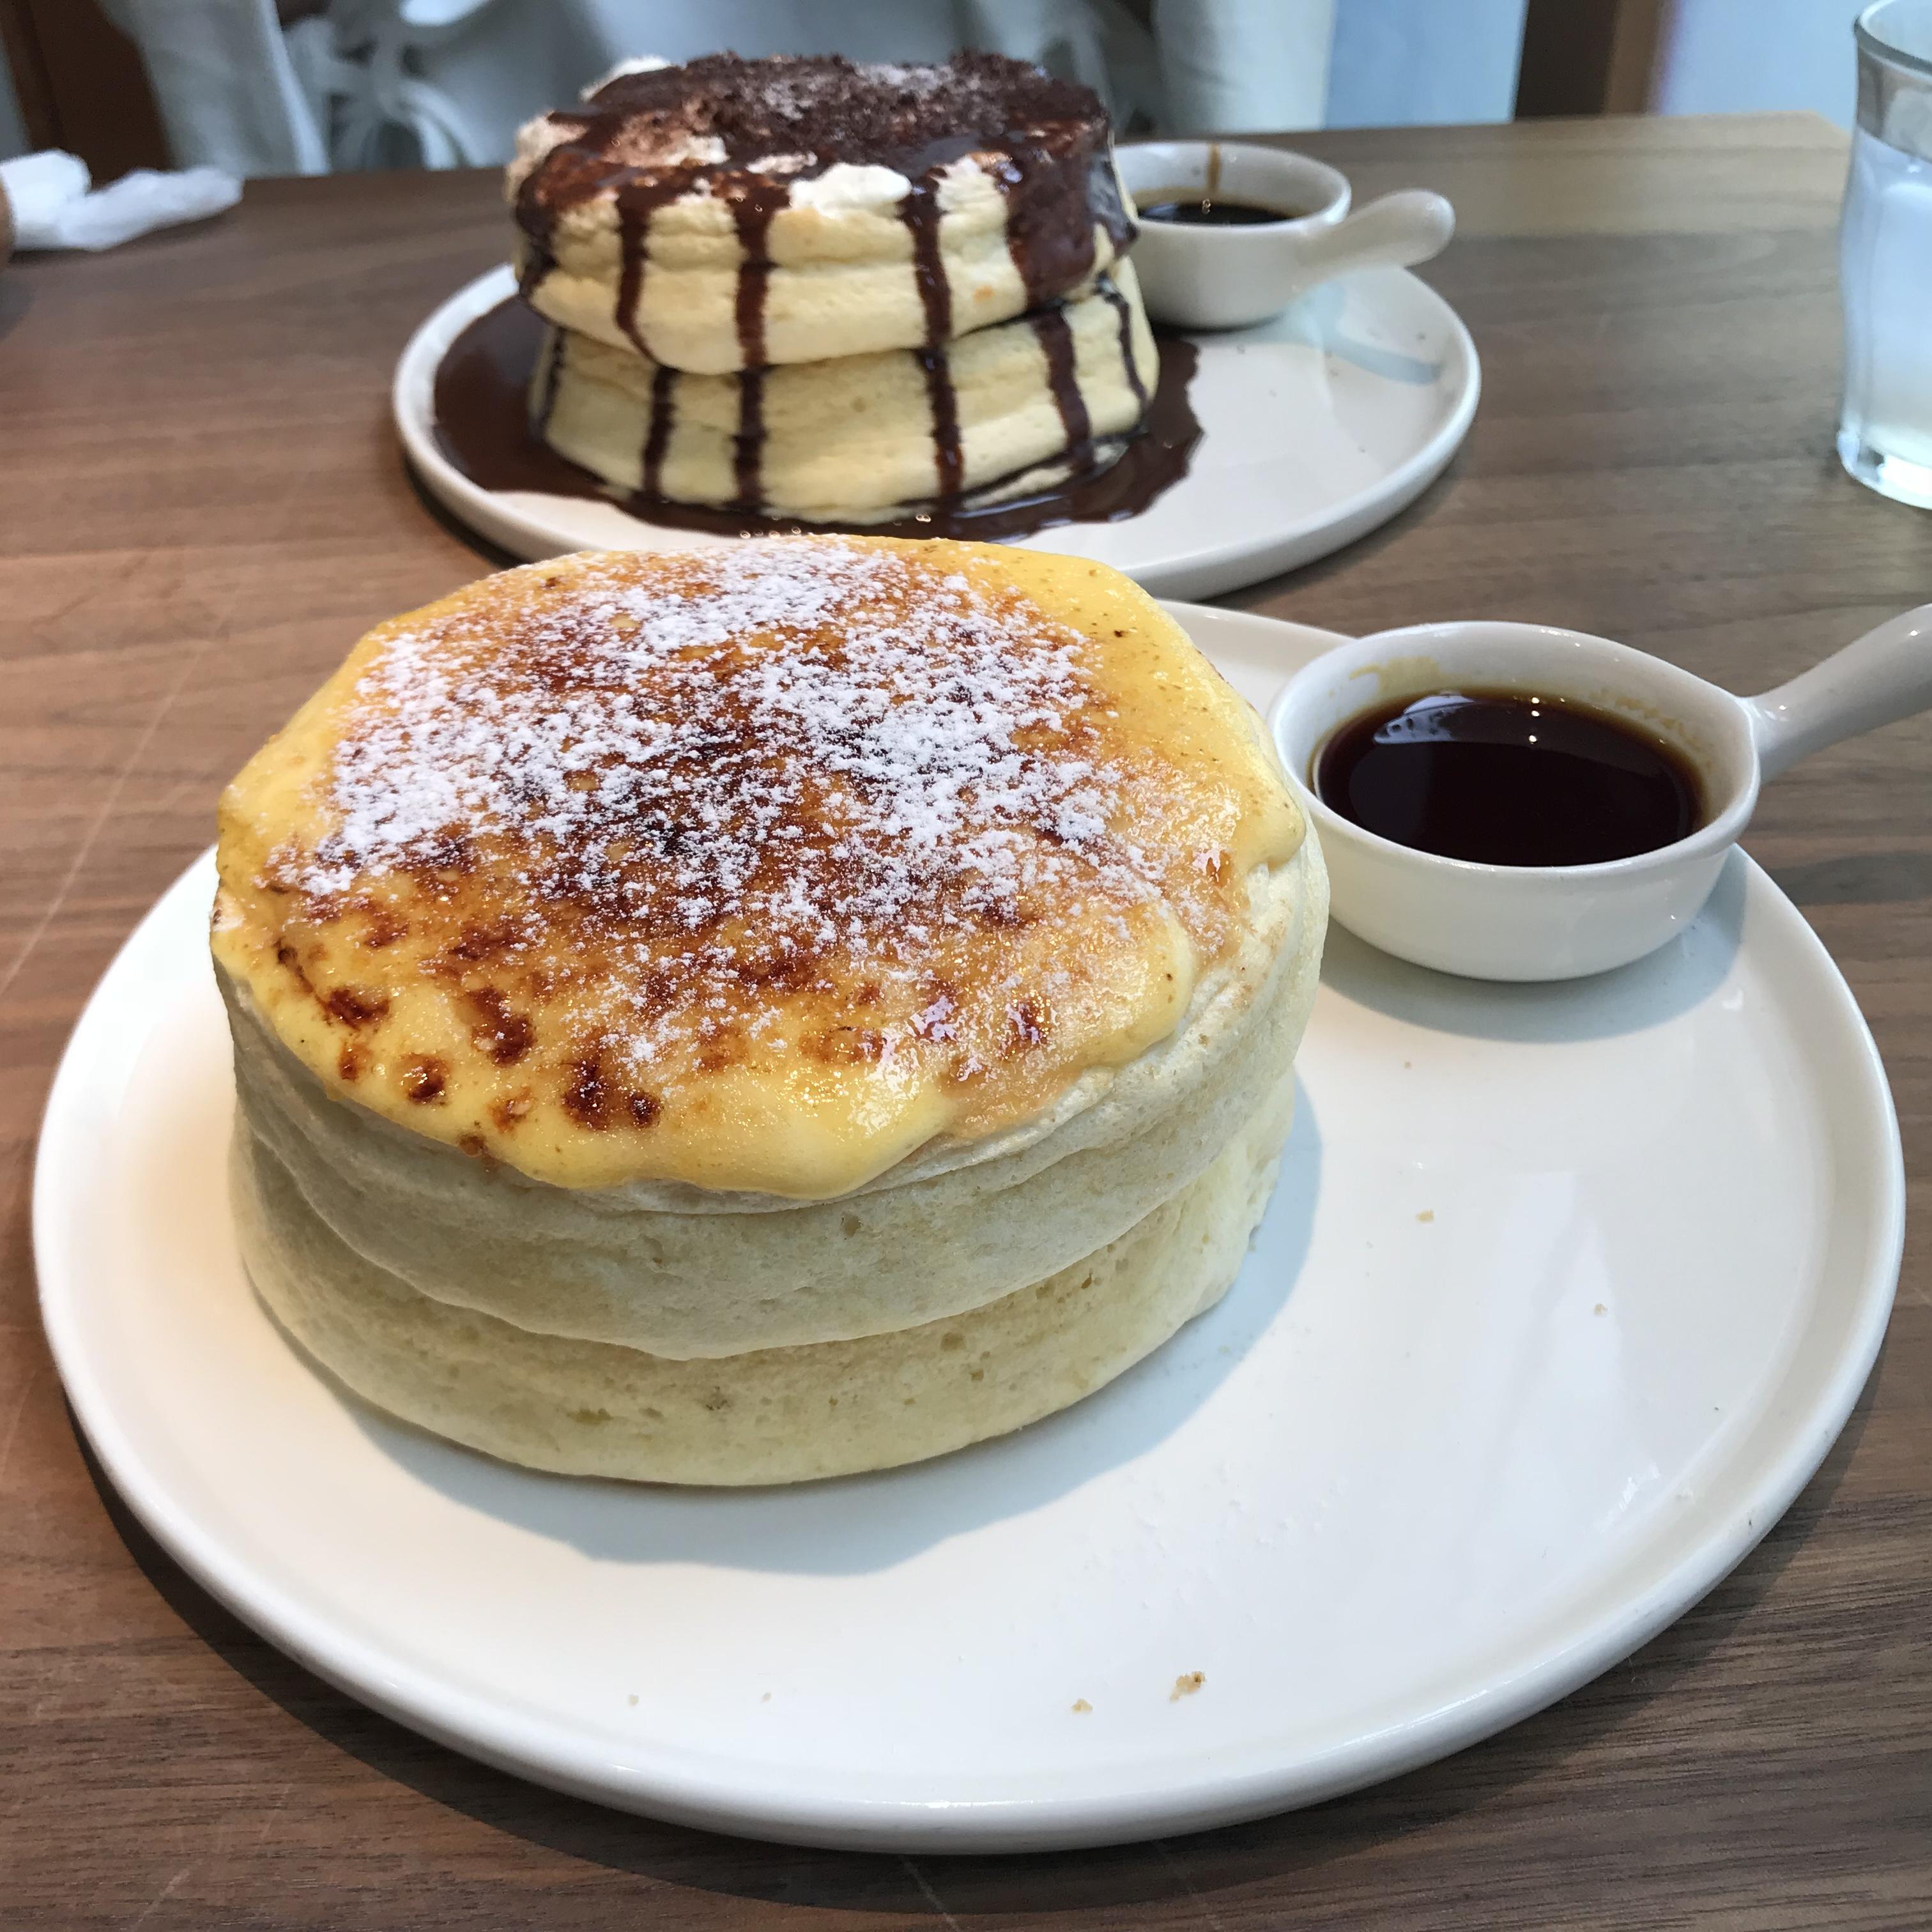 幸せを運ぶパンケーキ